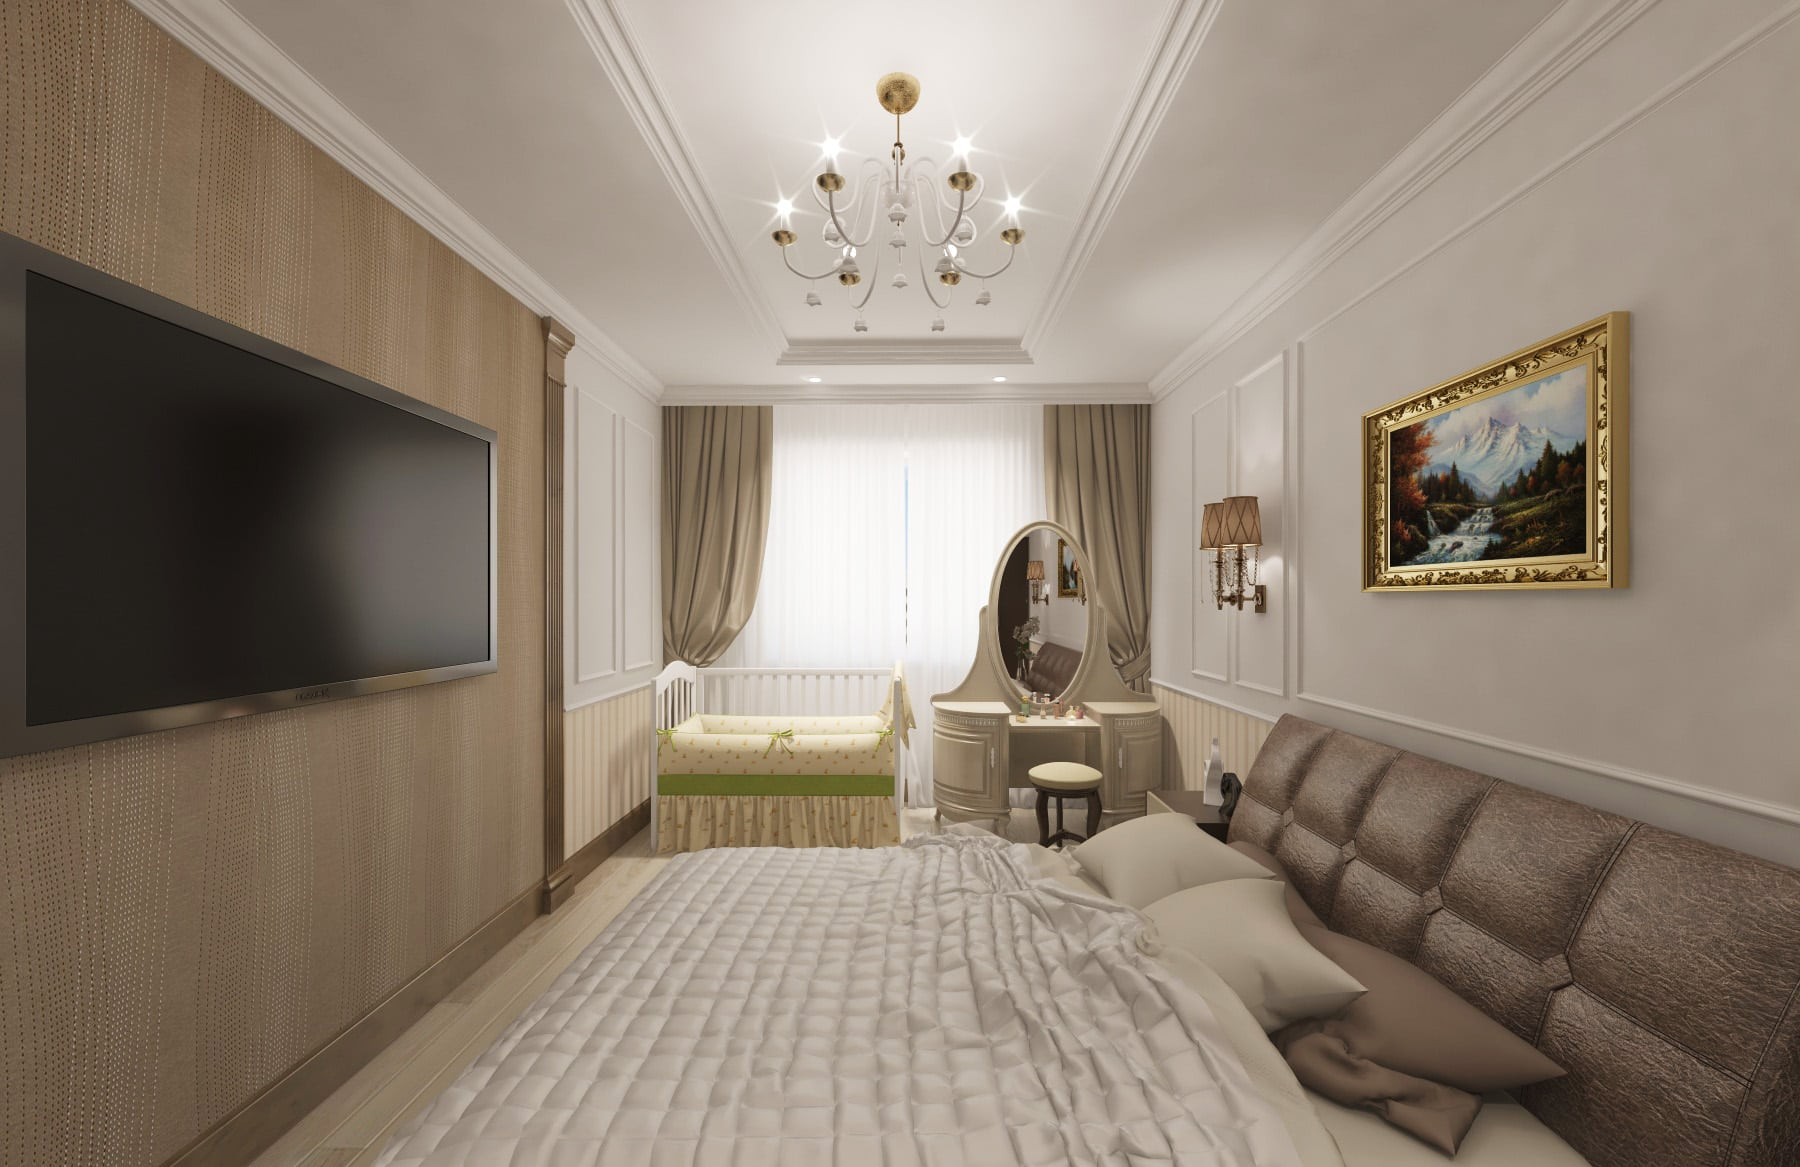 Дизайн интерьера в Ставрополе спальня пилястры картина в золотой раме